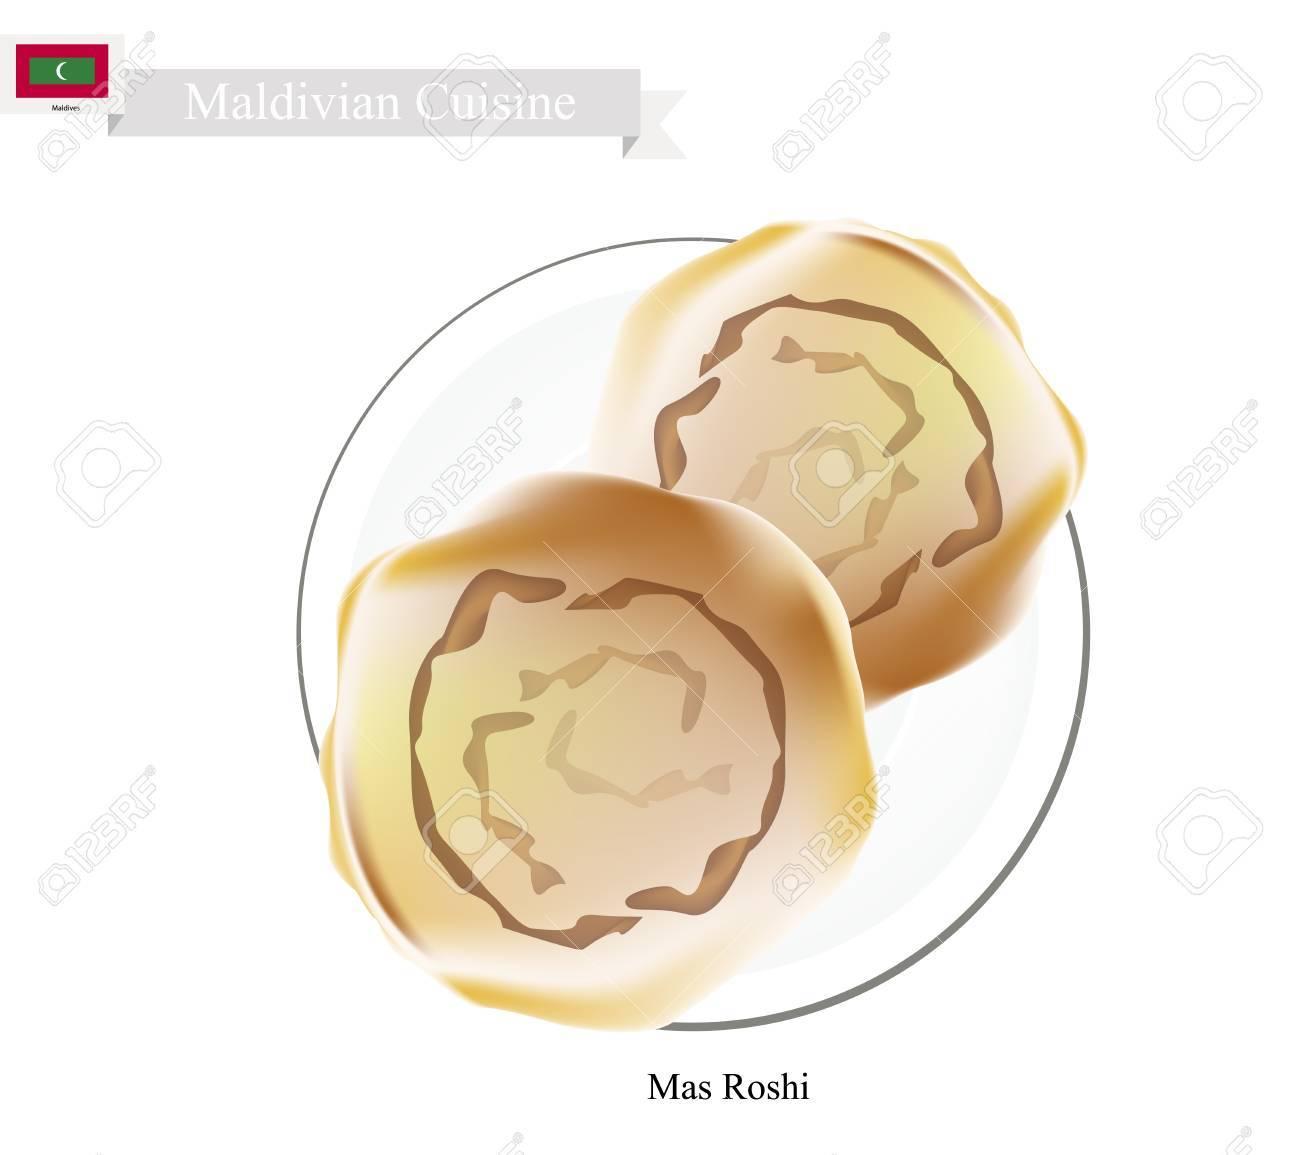 モルディブ料理イラスト Mas 老師やシャキッとした平らな細切り